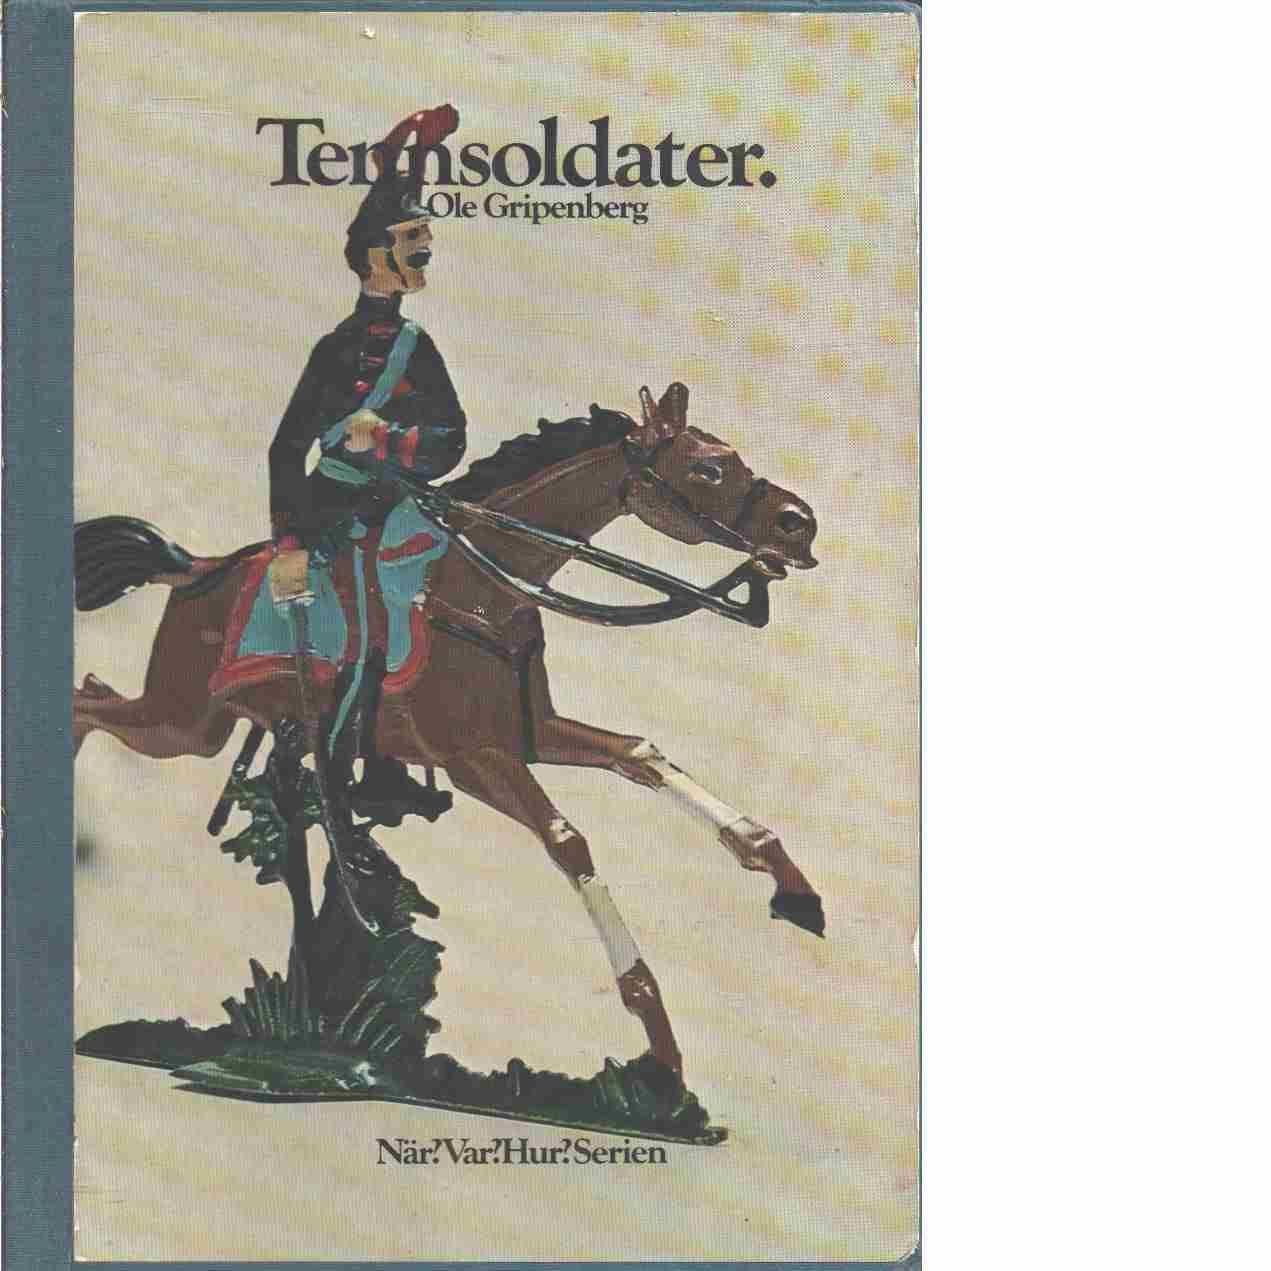 Tennsoldater som leksaker, samlarfigurer och undervisningsmaterial - Gripenberg, Ole